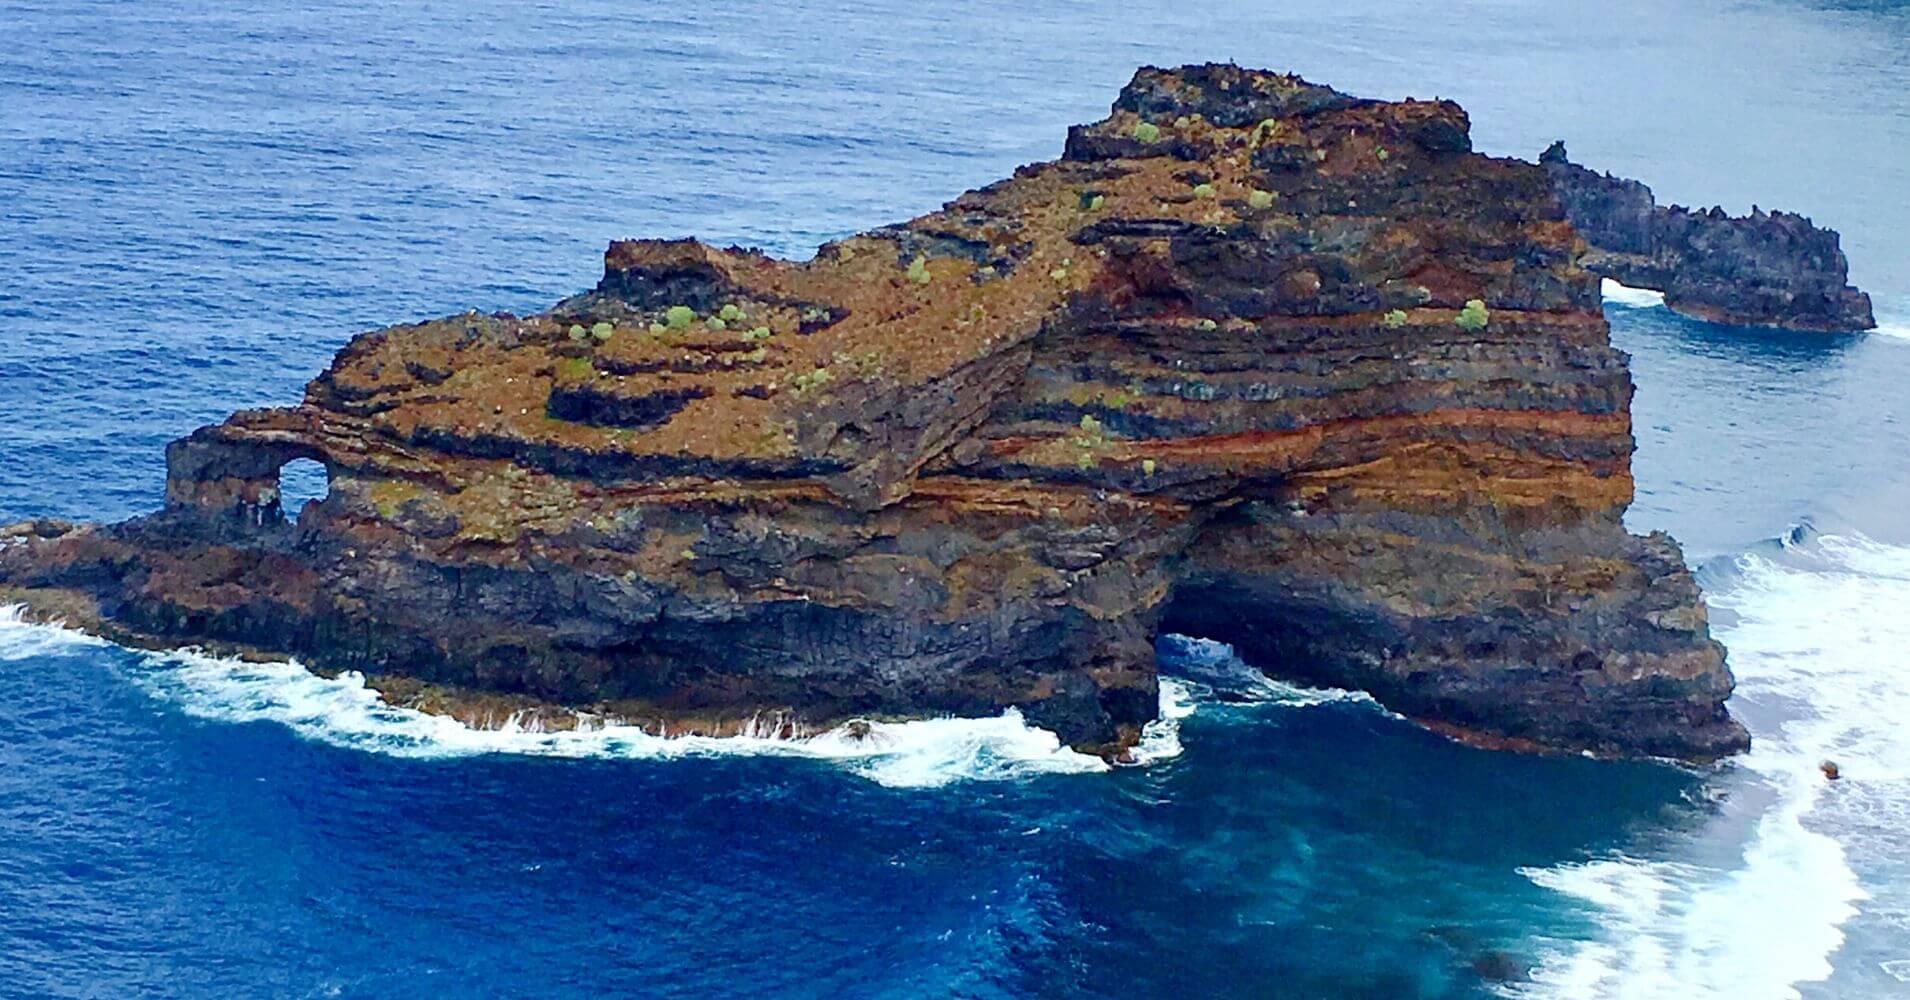 Mirador del Aserradero. Isla de La Palma. Islas Canarias.